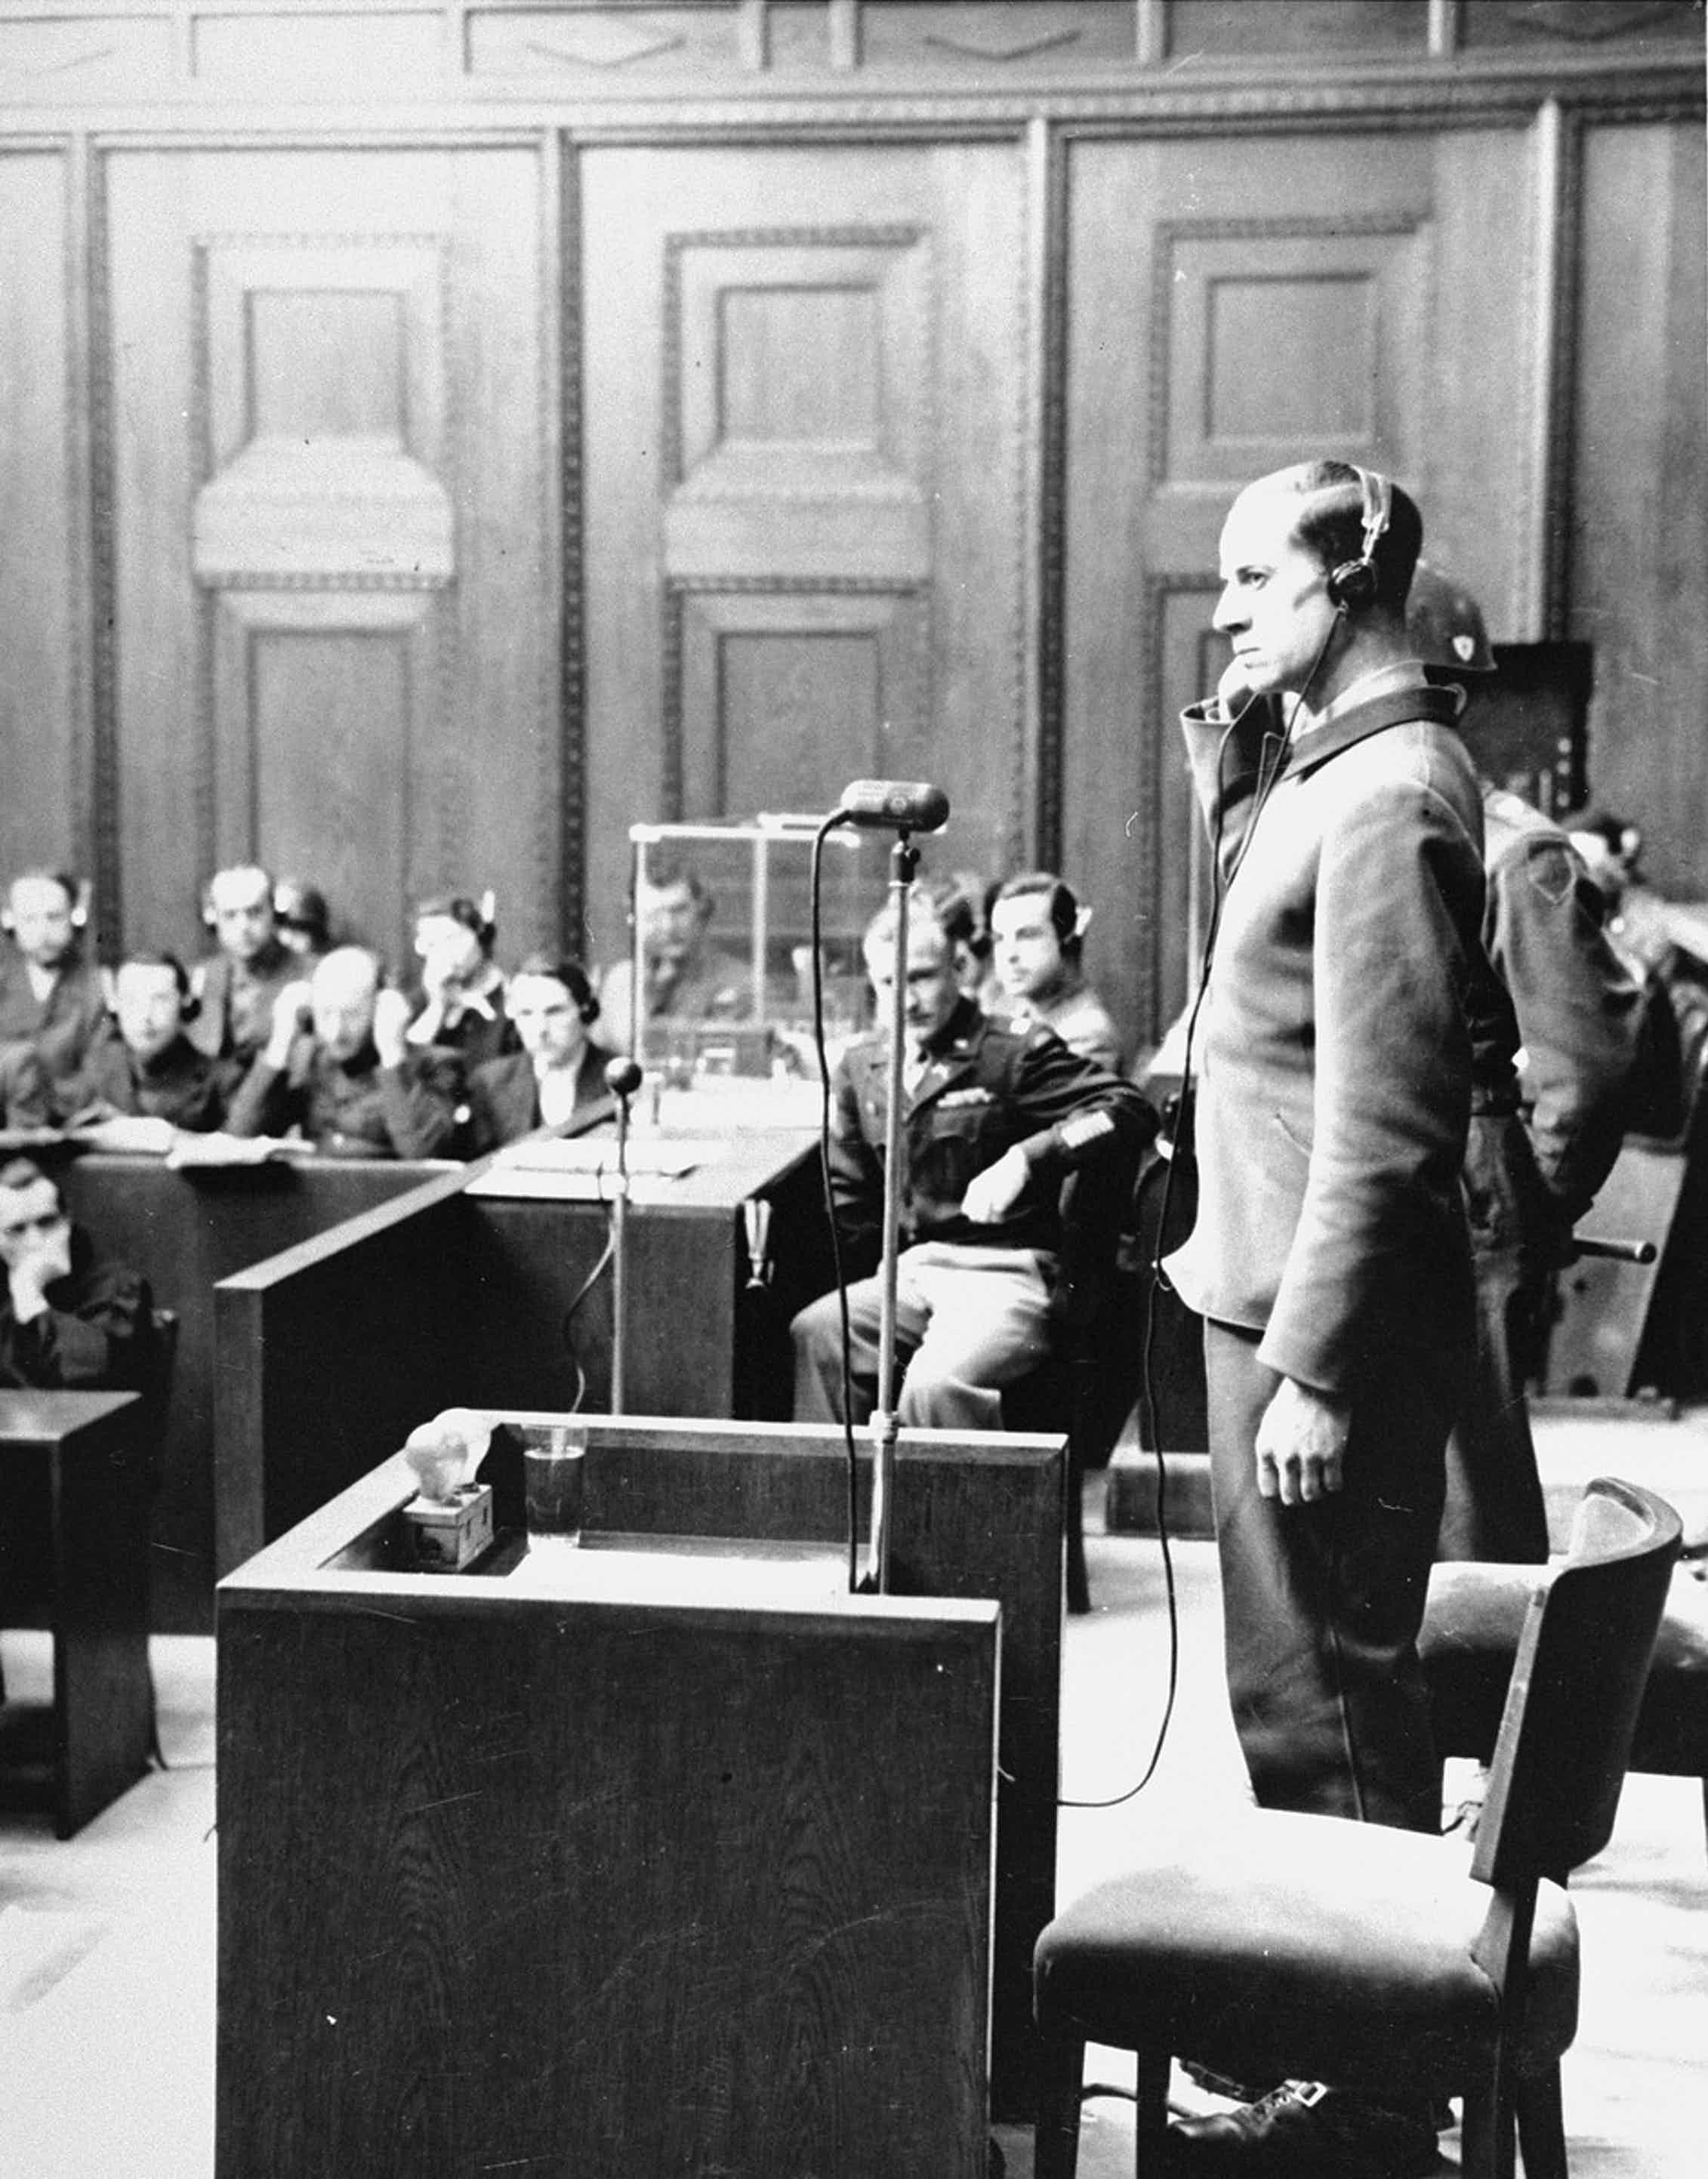 Karl Brandt en el estrado durante el Juicio de los Doctores en Nuremberg en febrero de 1947.United States Holocaust Memorial Museum